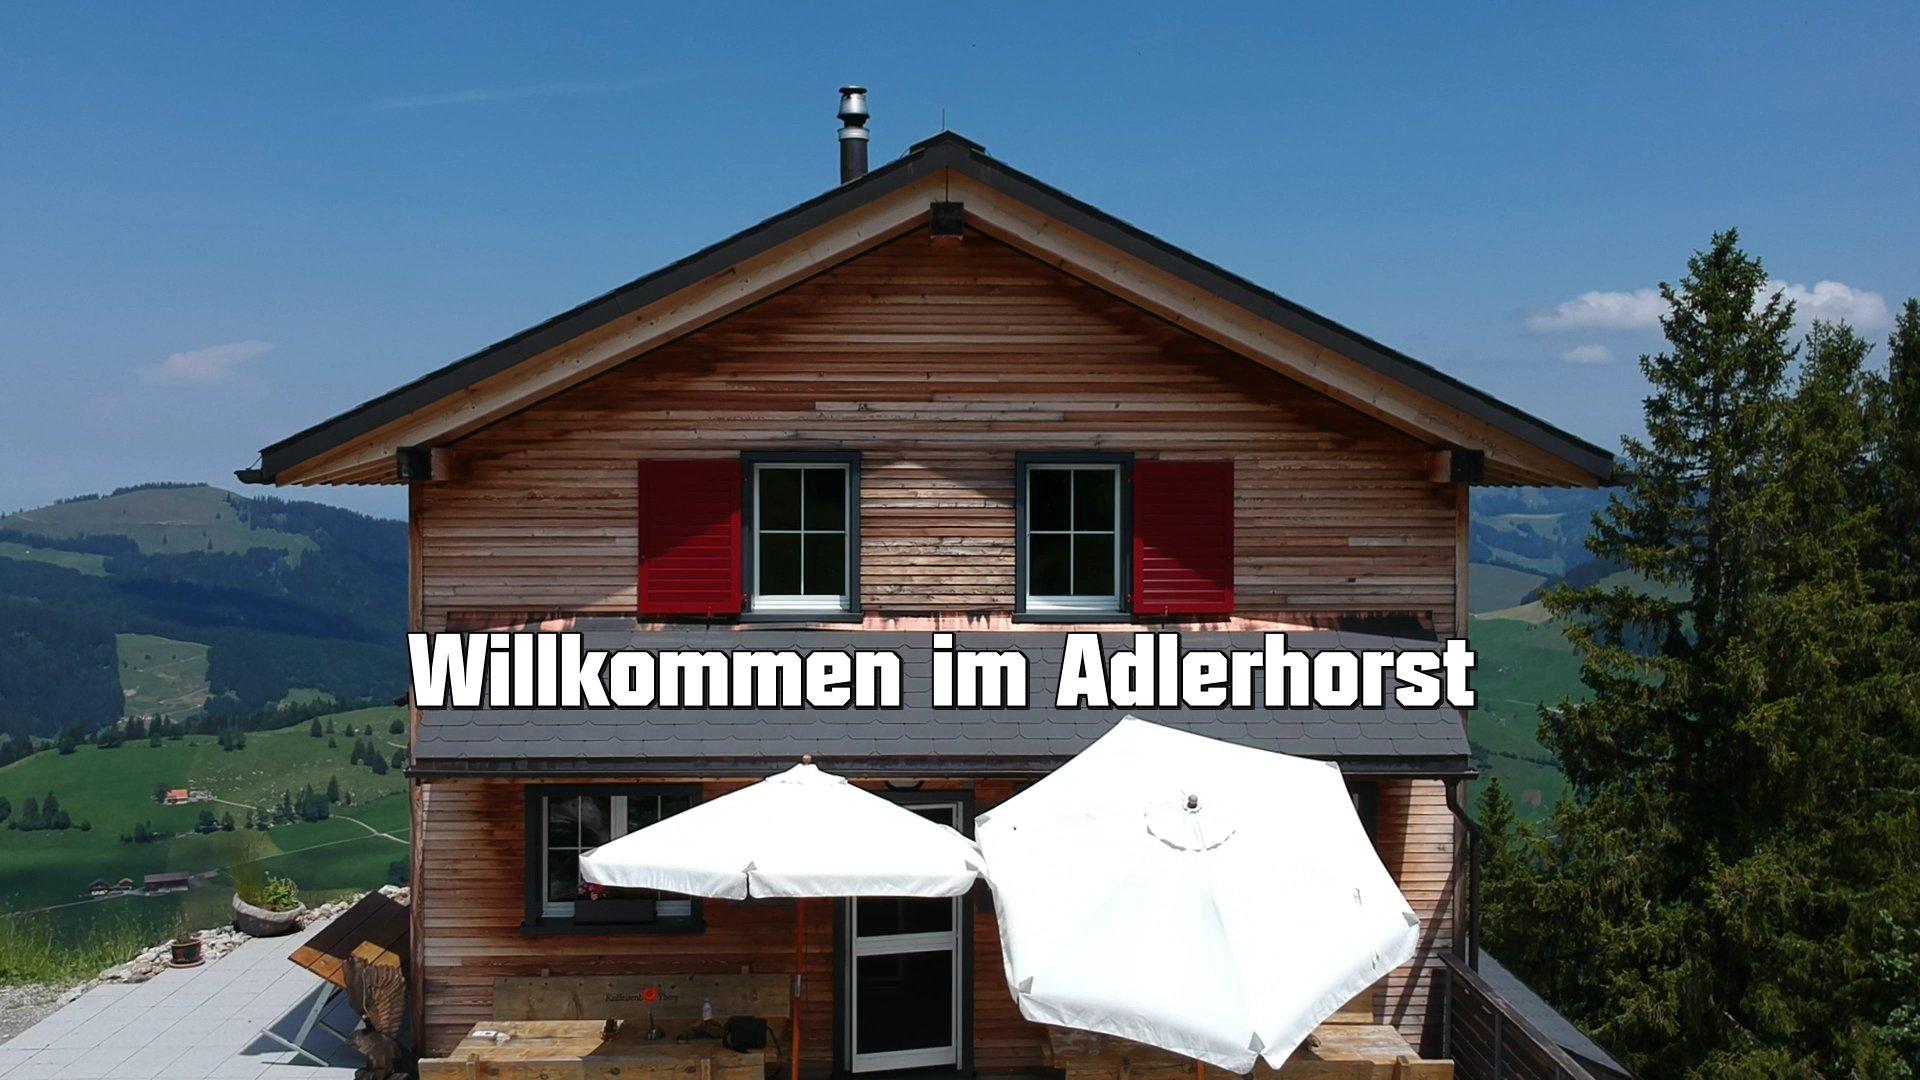 Willkommen im Adlerhorst